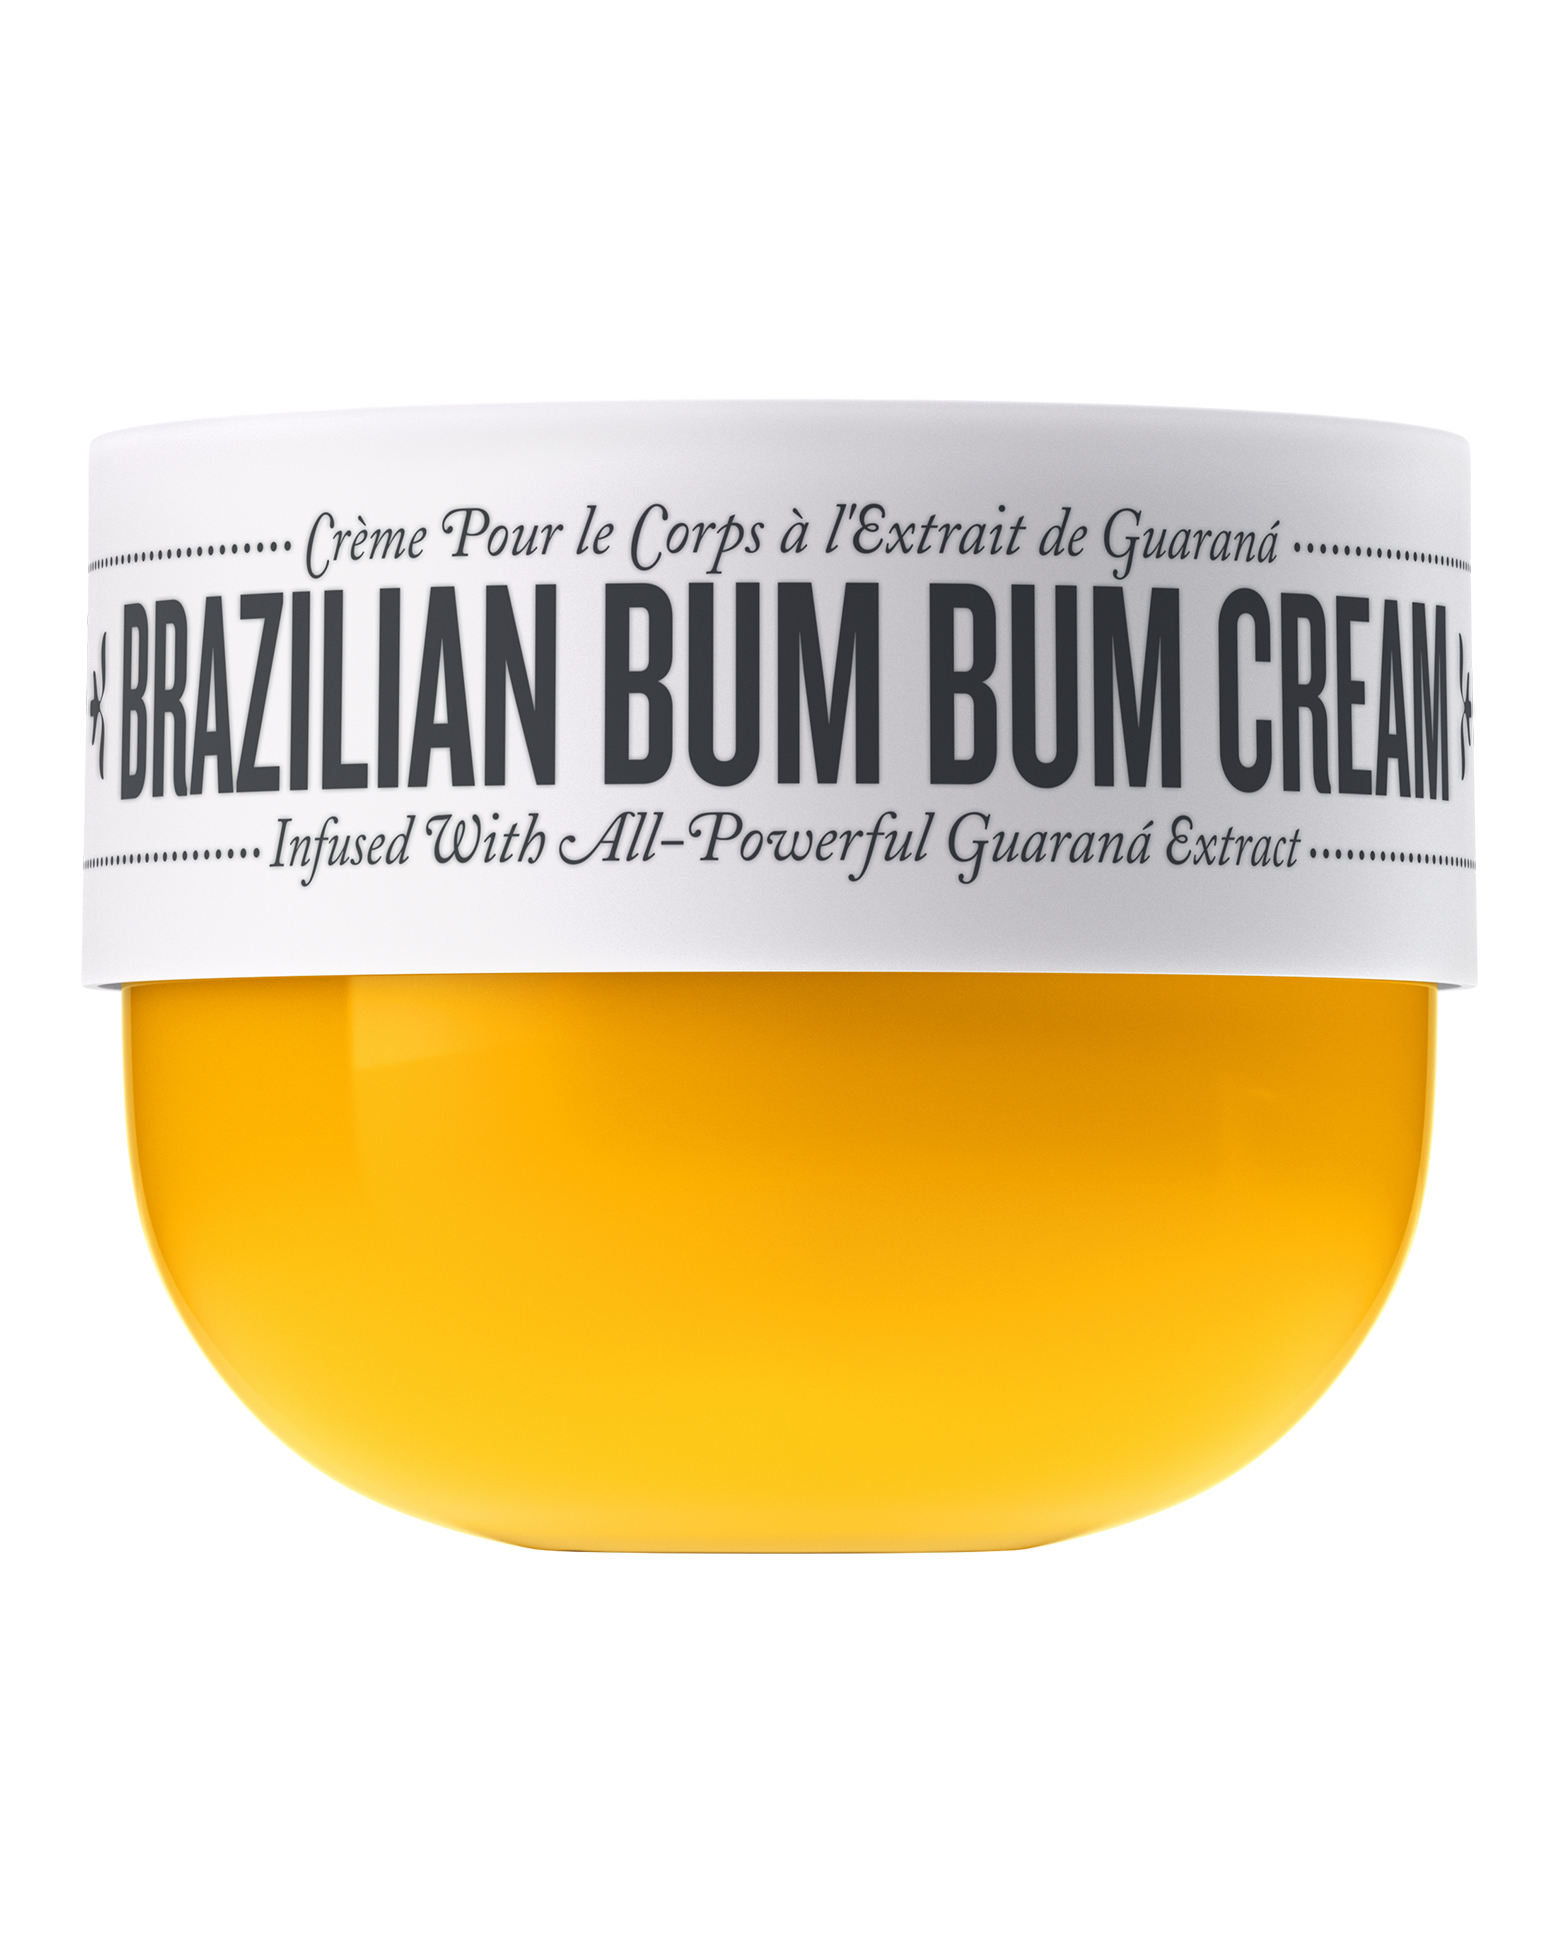 bum bum cream